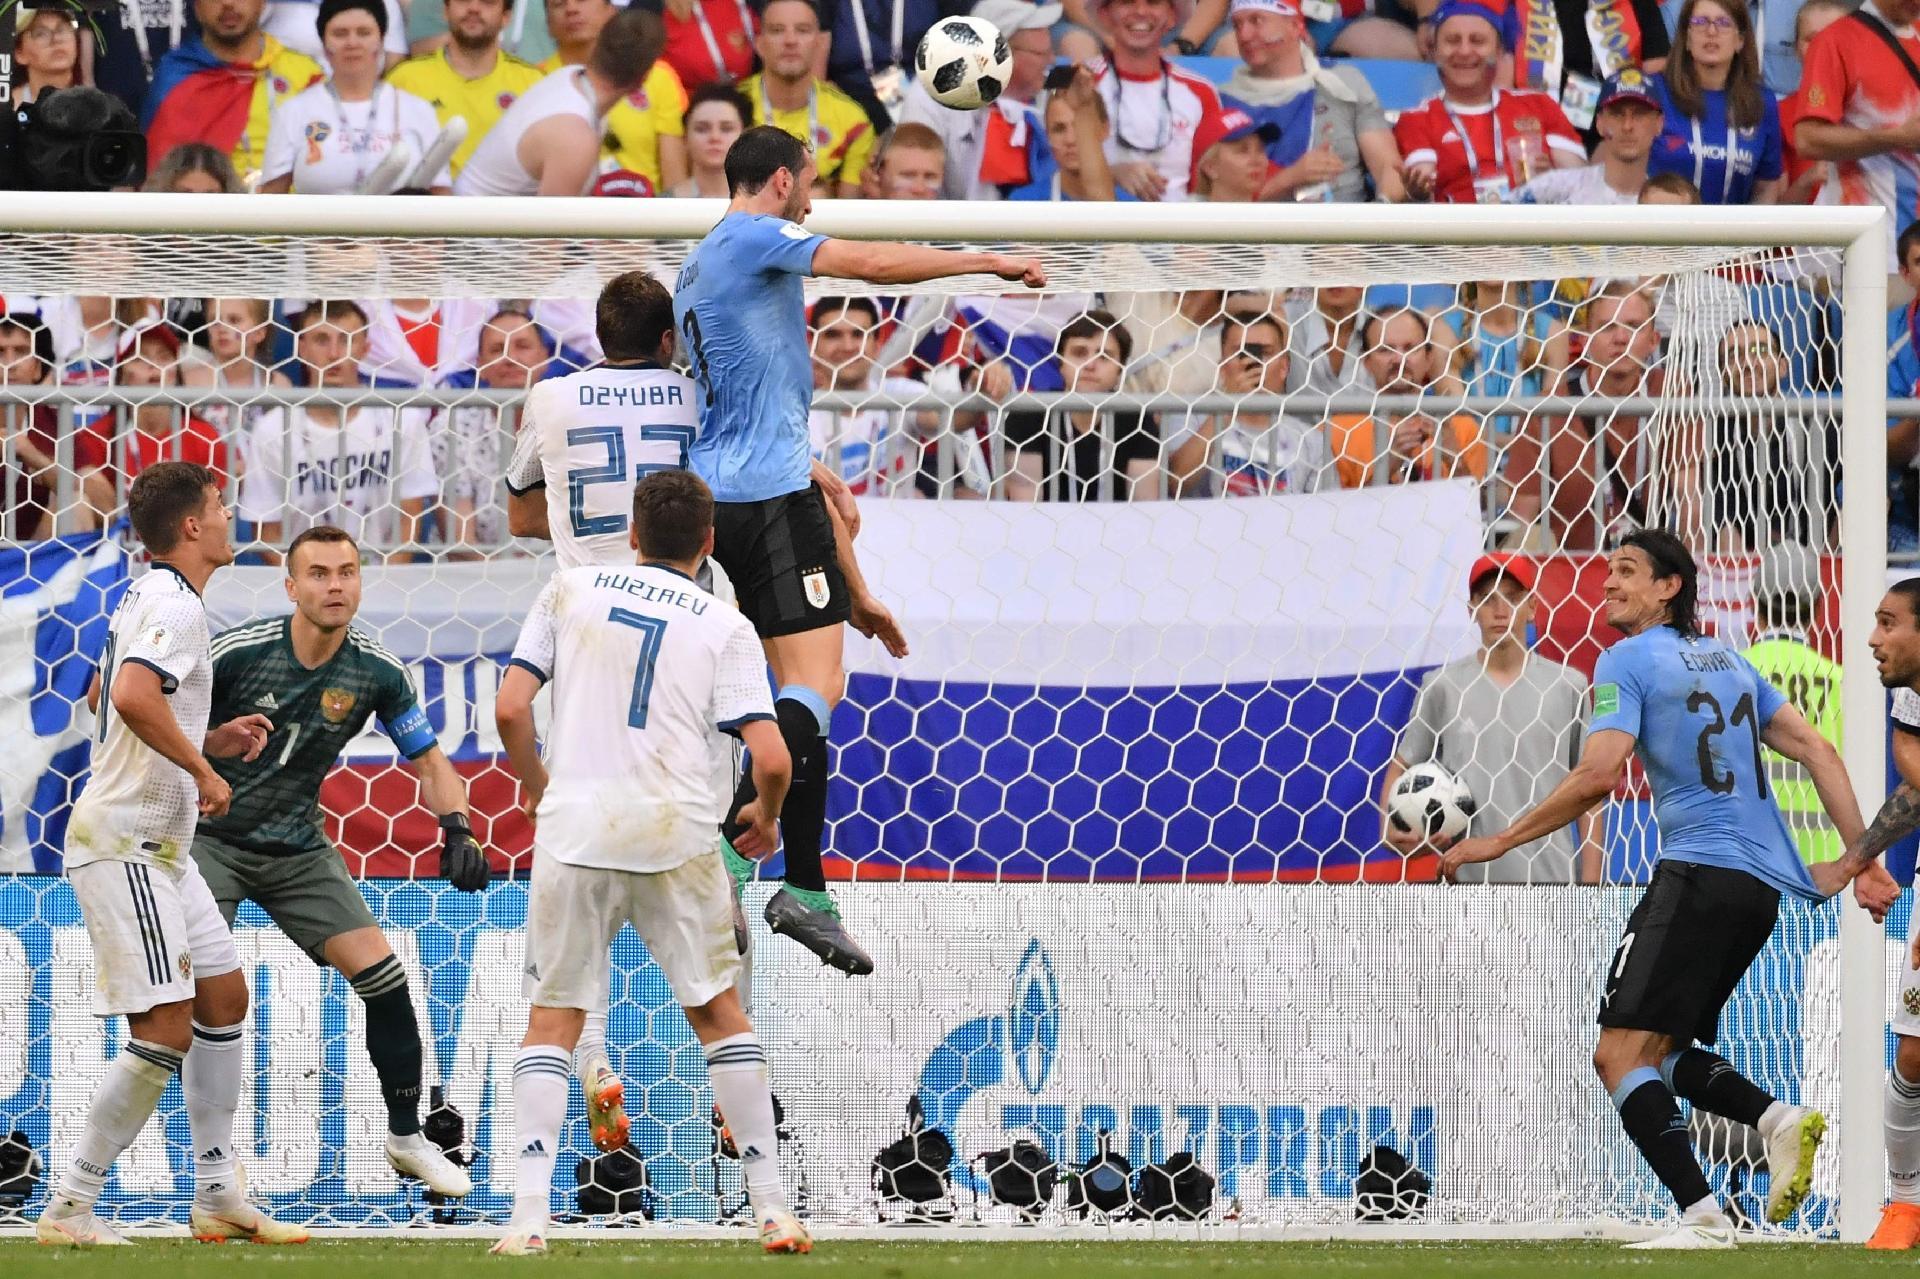 11221c16e4 Copa 2018  Tabárez evitou lacunas para formar defesa histórica do Uruguai